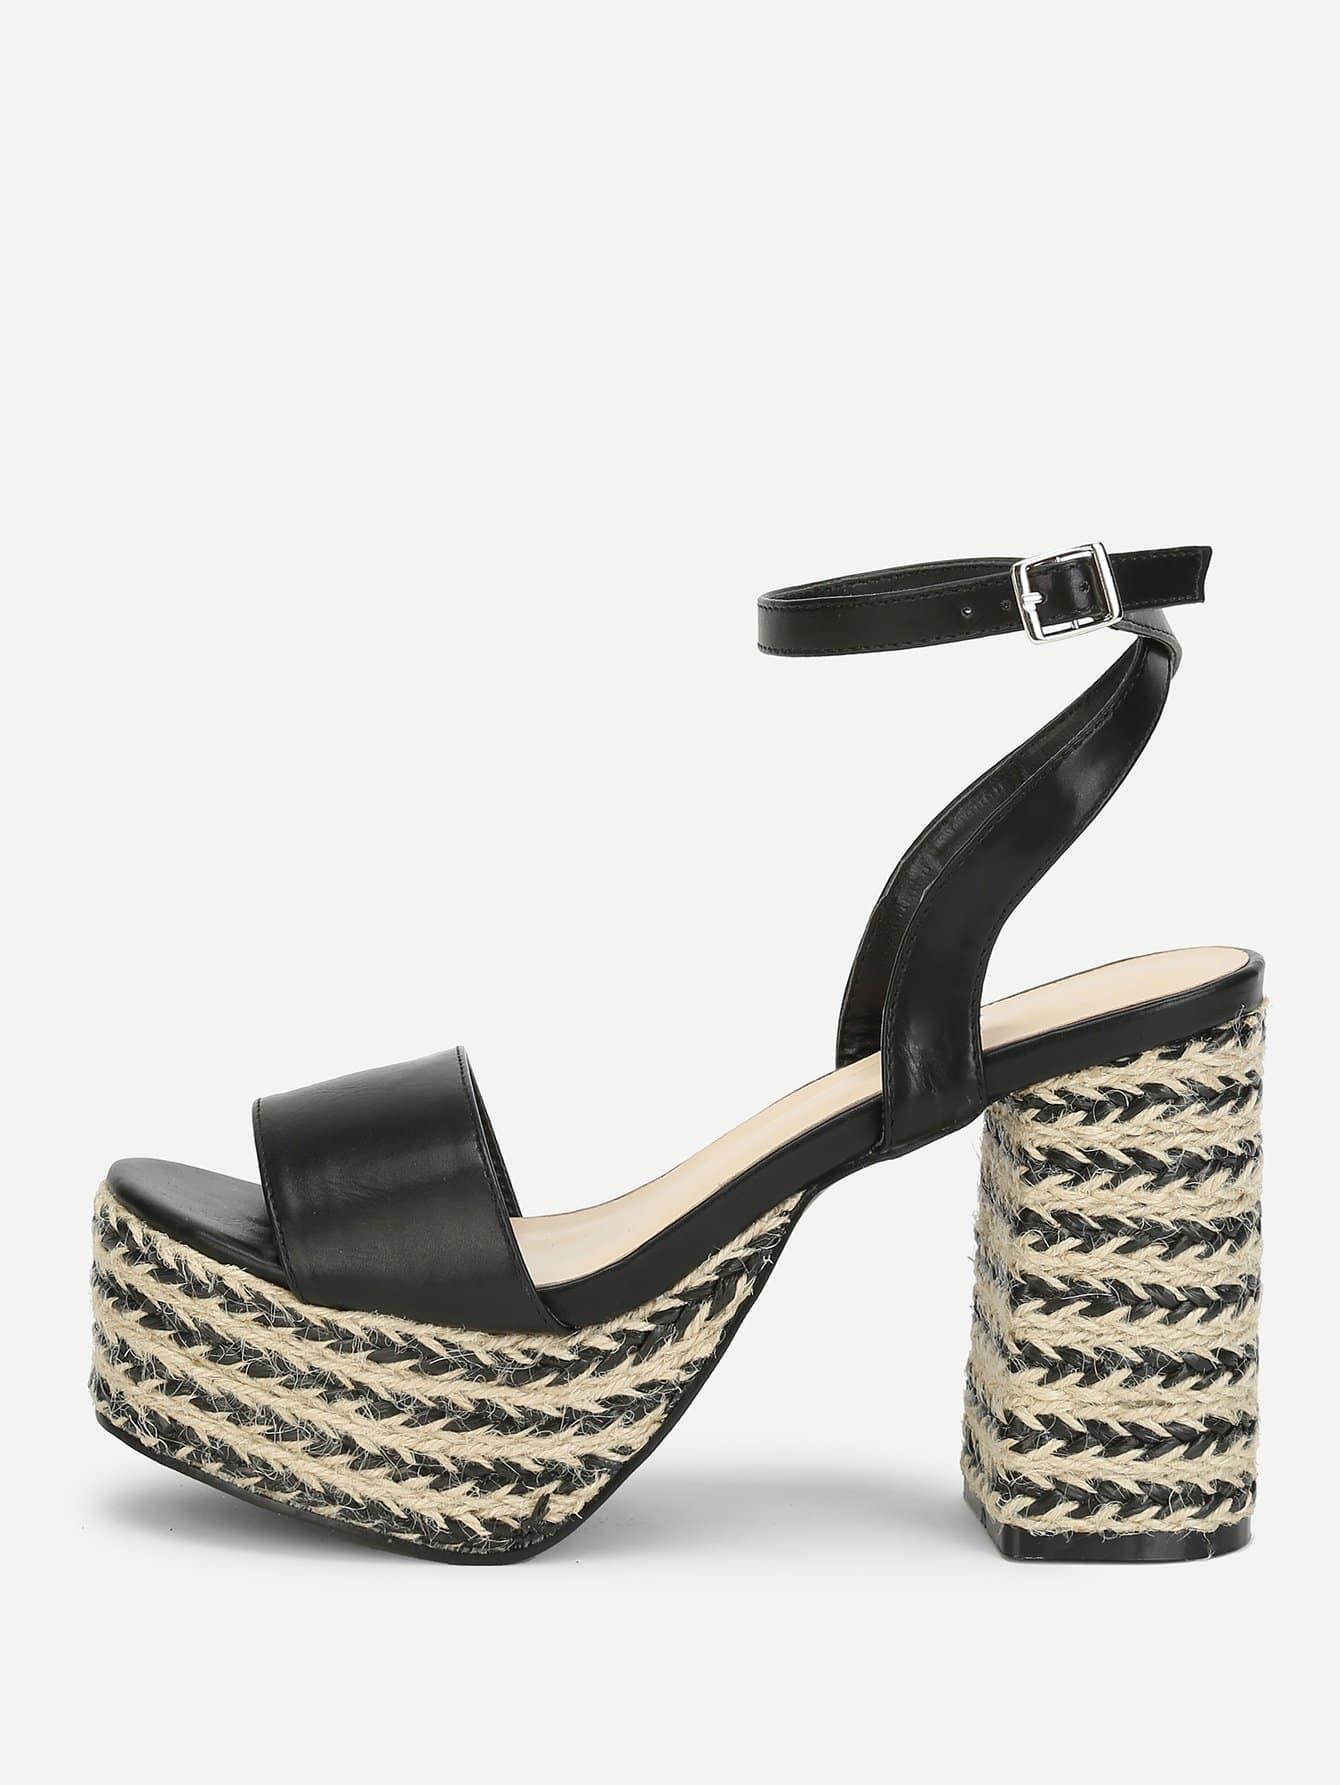 Ankle Strap Platform Heeled Sandals ankle strap block heeled pu sandals